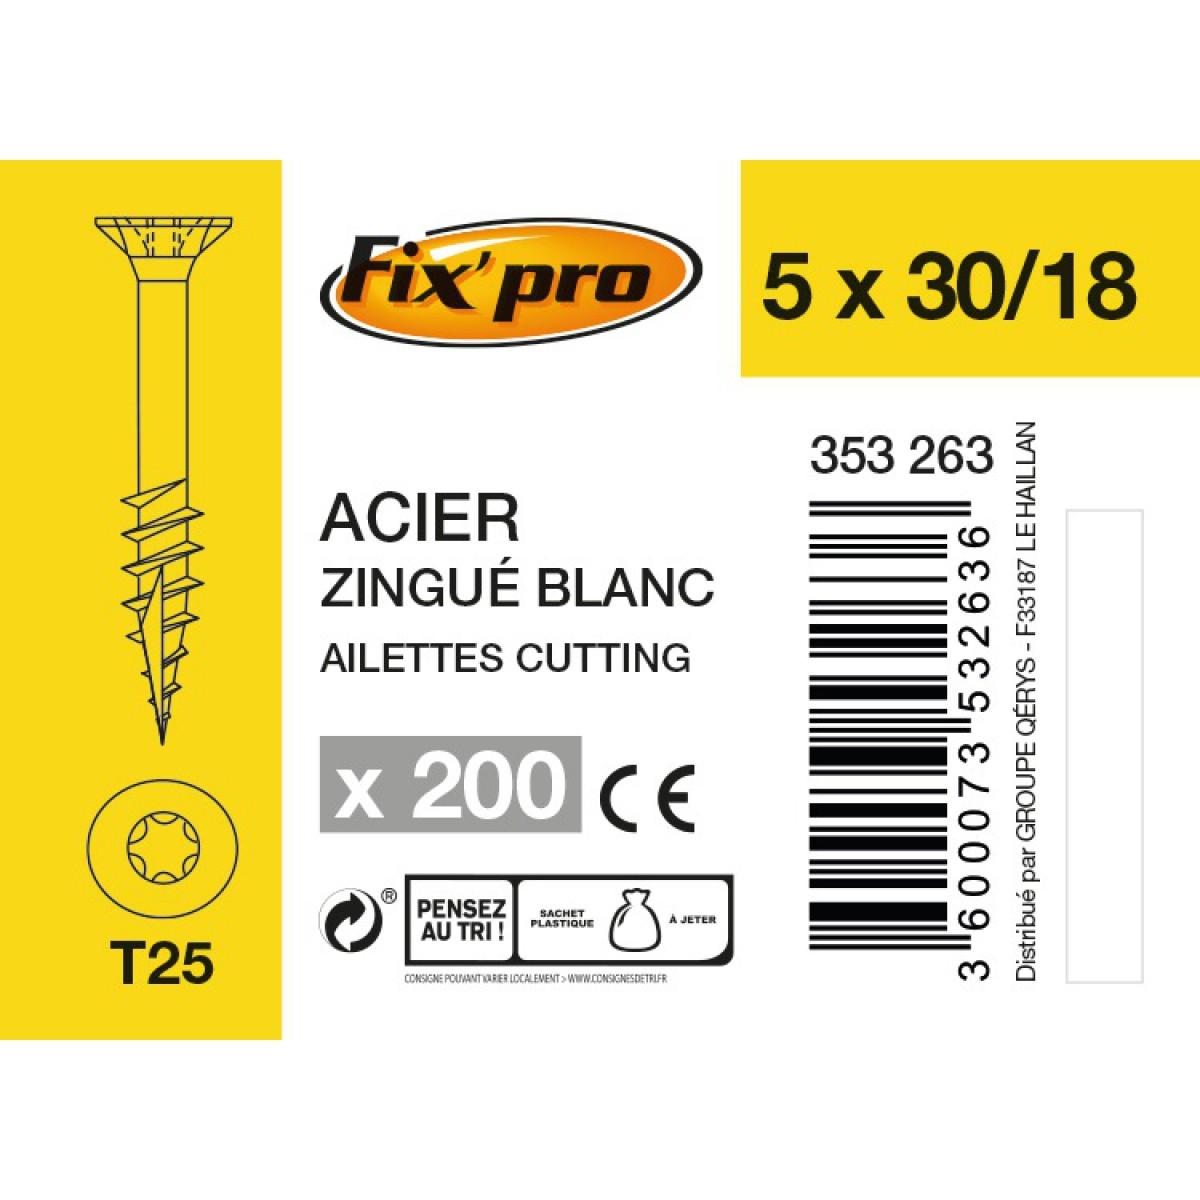 Vis à bois tête fraisée TX - 5x30/18 - 200pces - Fixpro